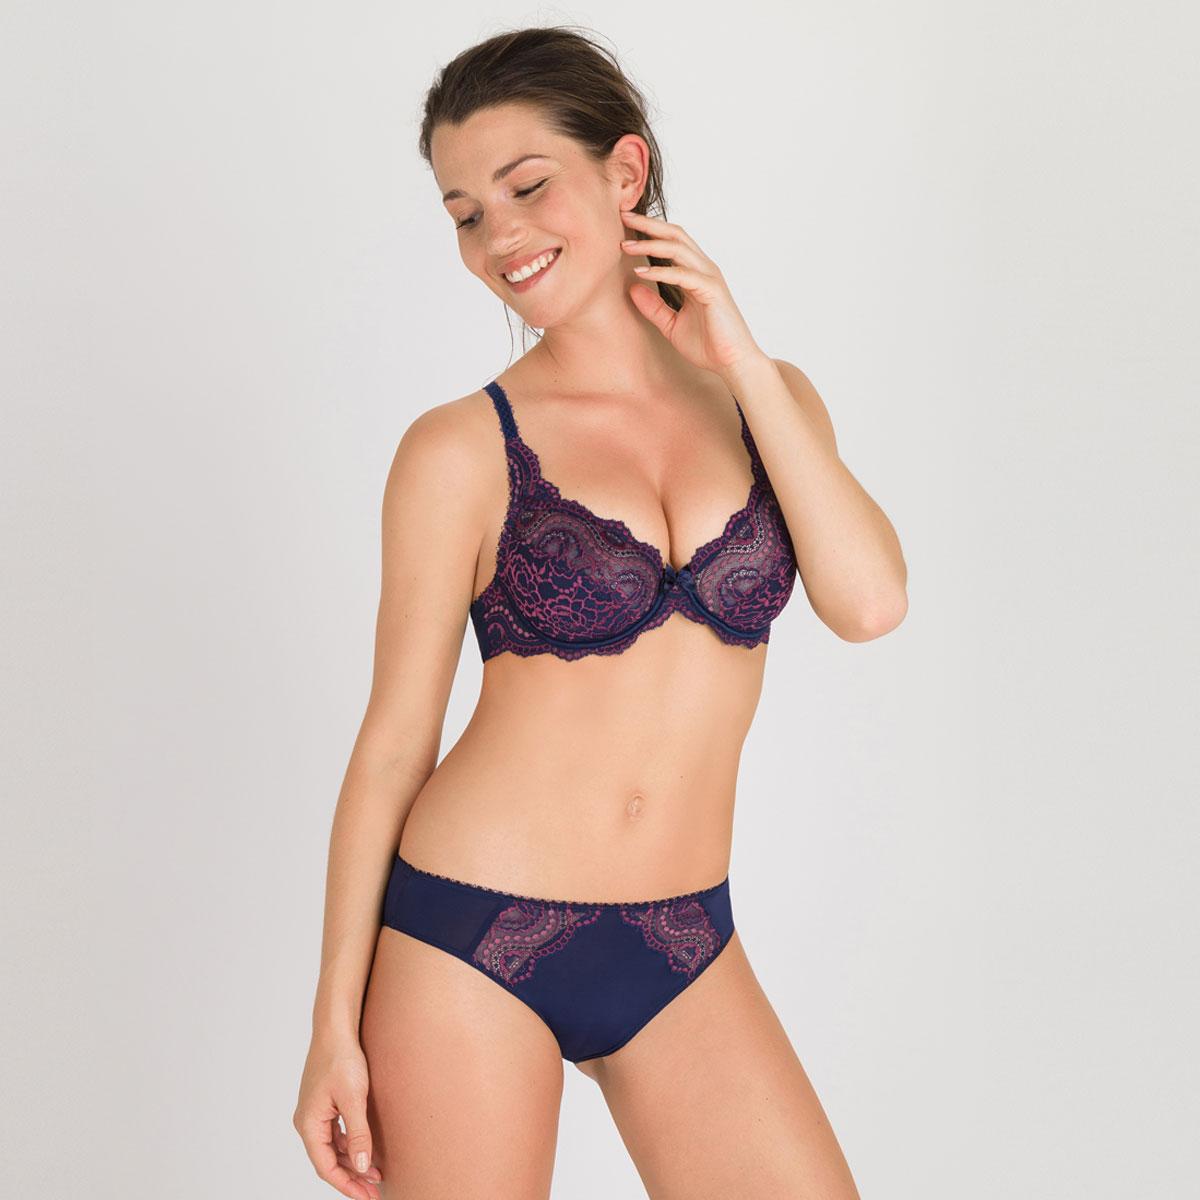 Reggiseno con ferretto blu e viola - Flowery Lace - PLAYTEX